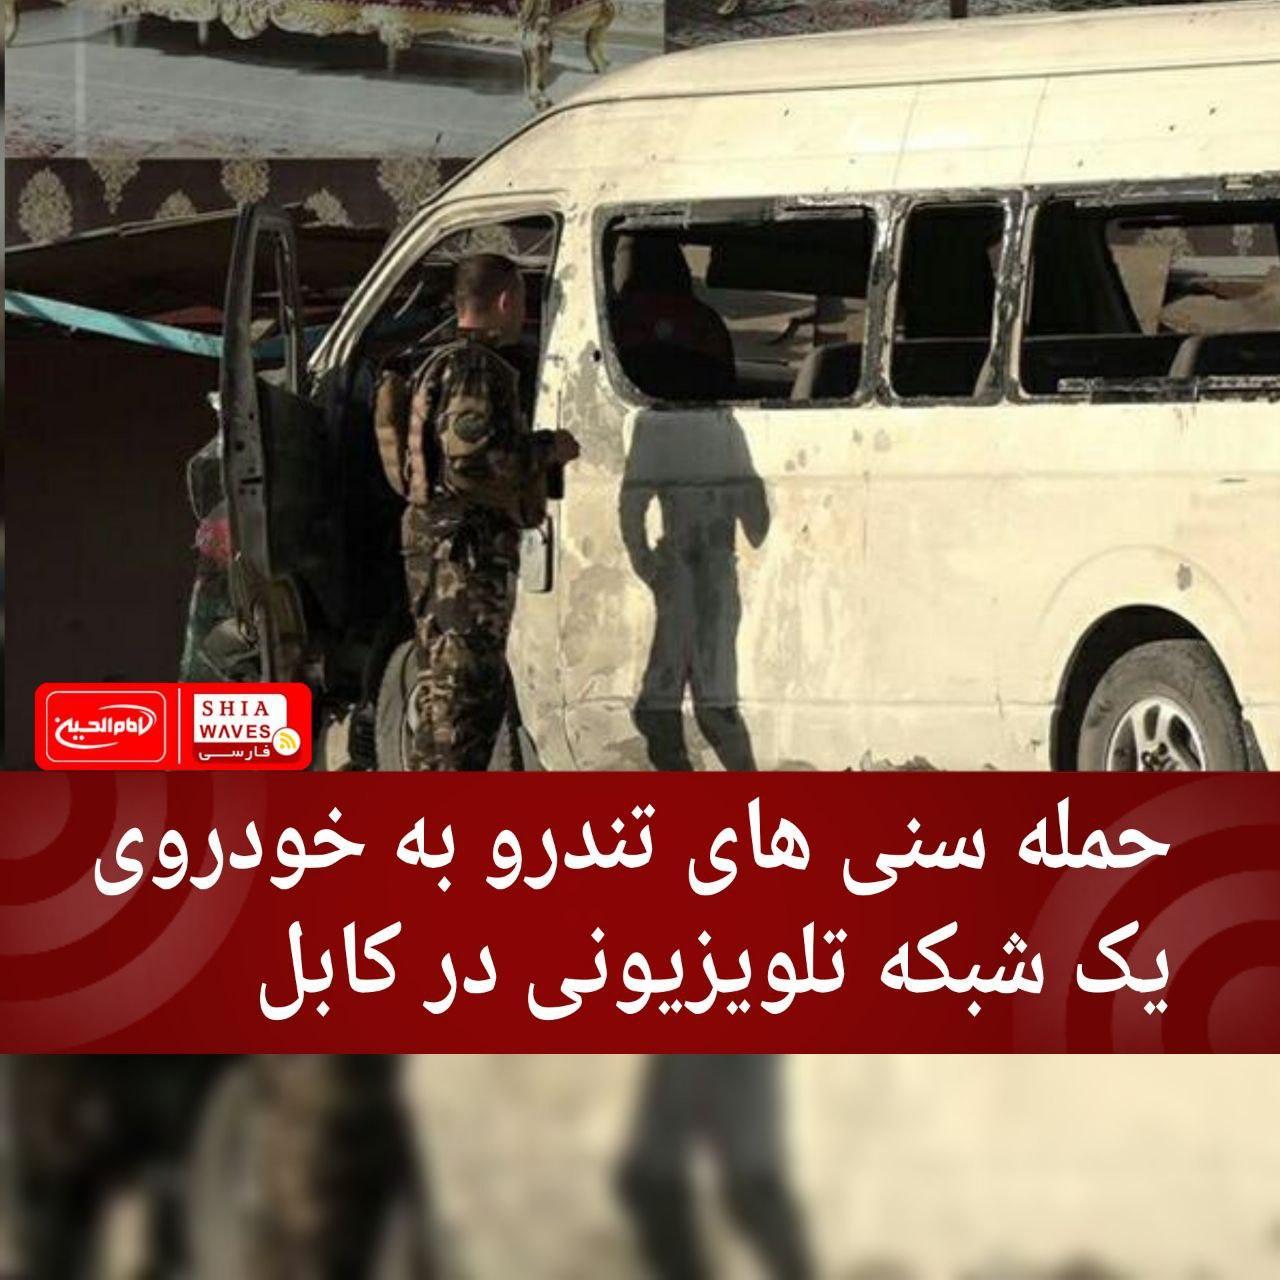 تصویر حمله سنی های تندرو به خودروی یک شبکه تلویزیونی در کابل